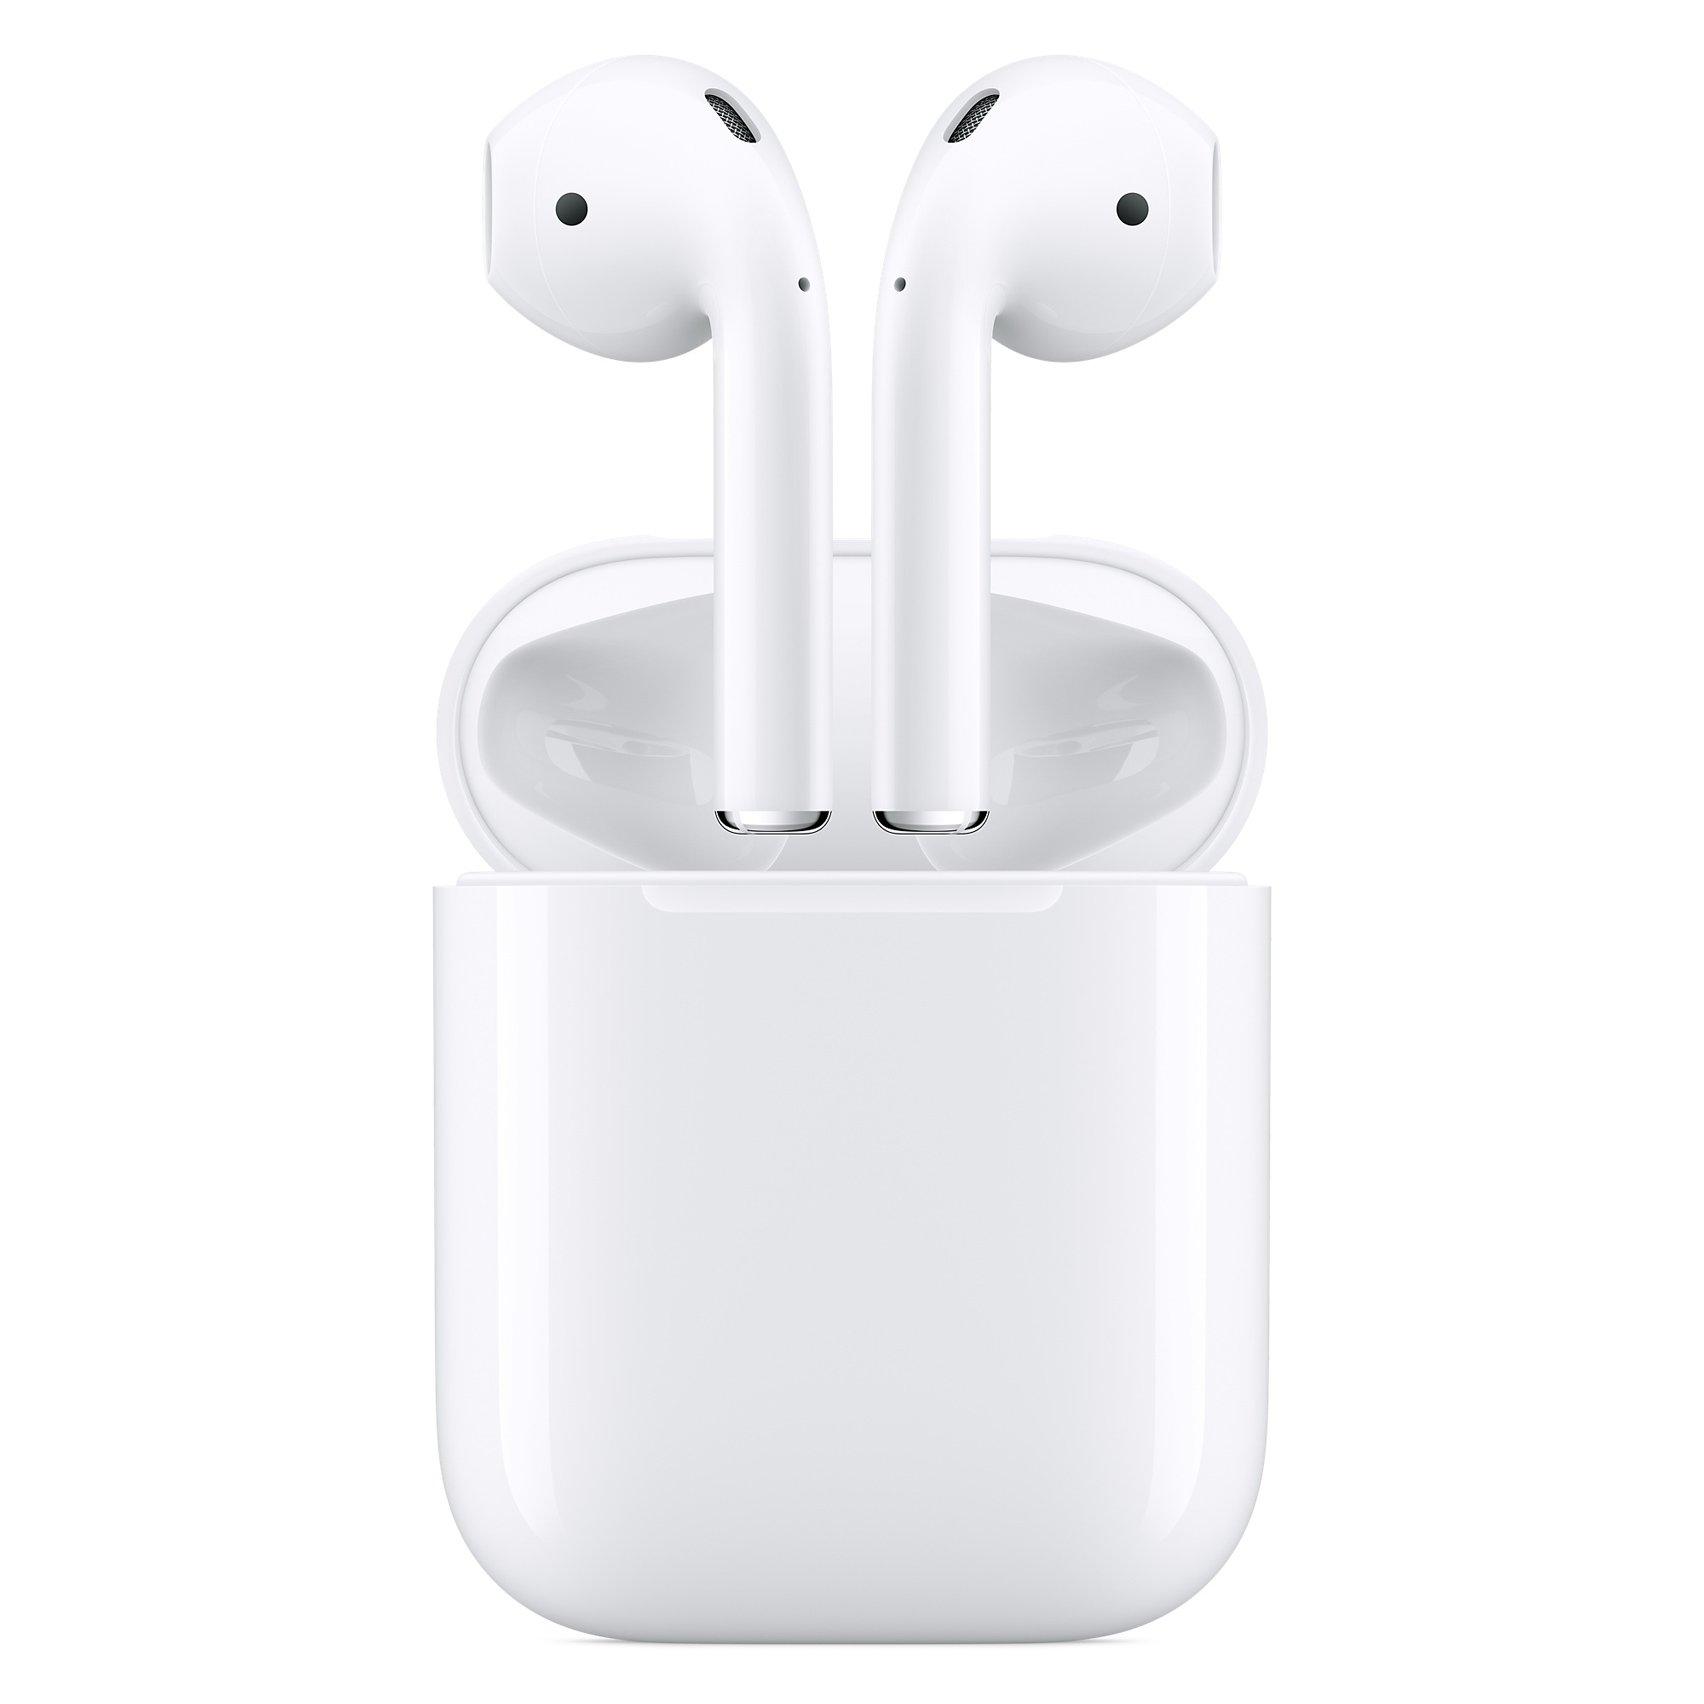 apple-wireless-airpods-headphones_dezeen_1